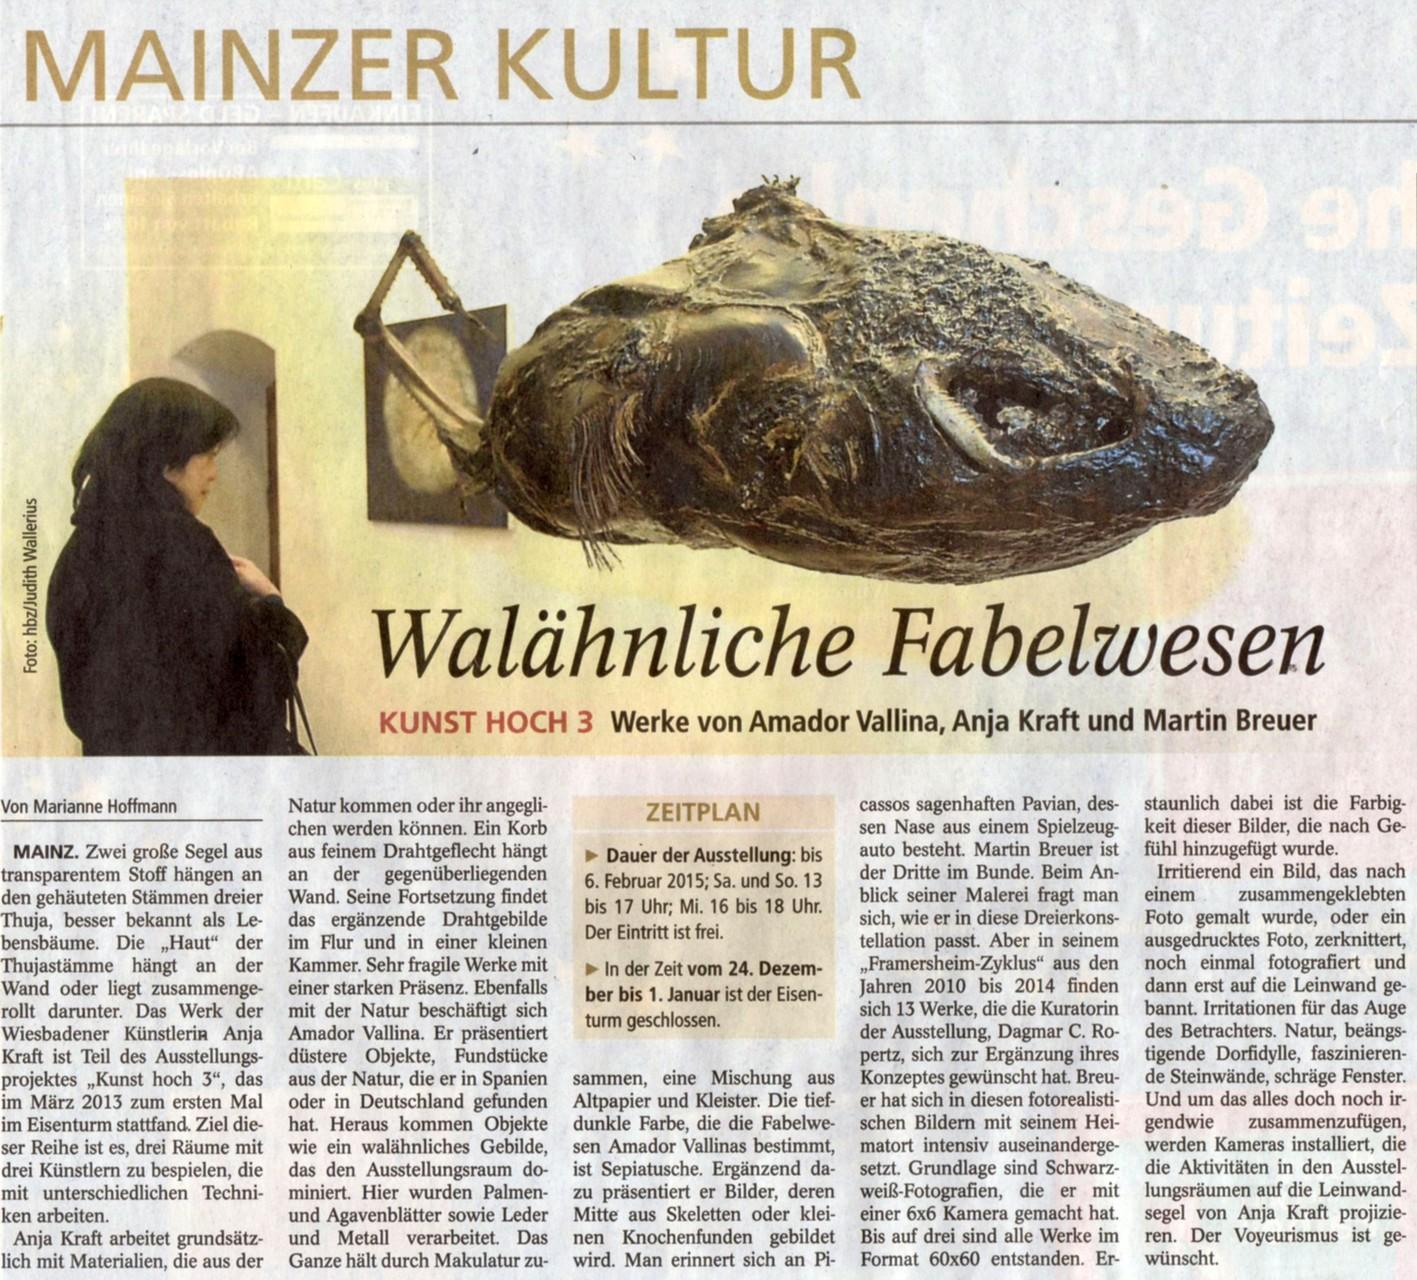 22.12.2014 Allgemeine Zeitung Mainz - Feuilleton